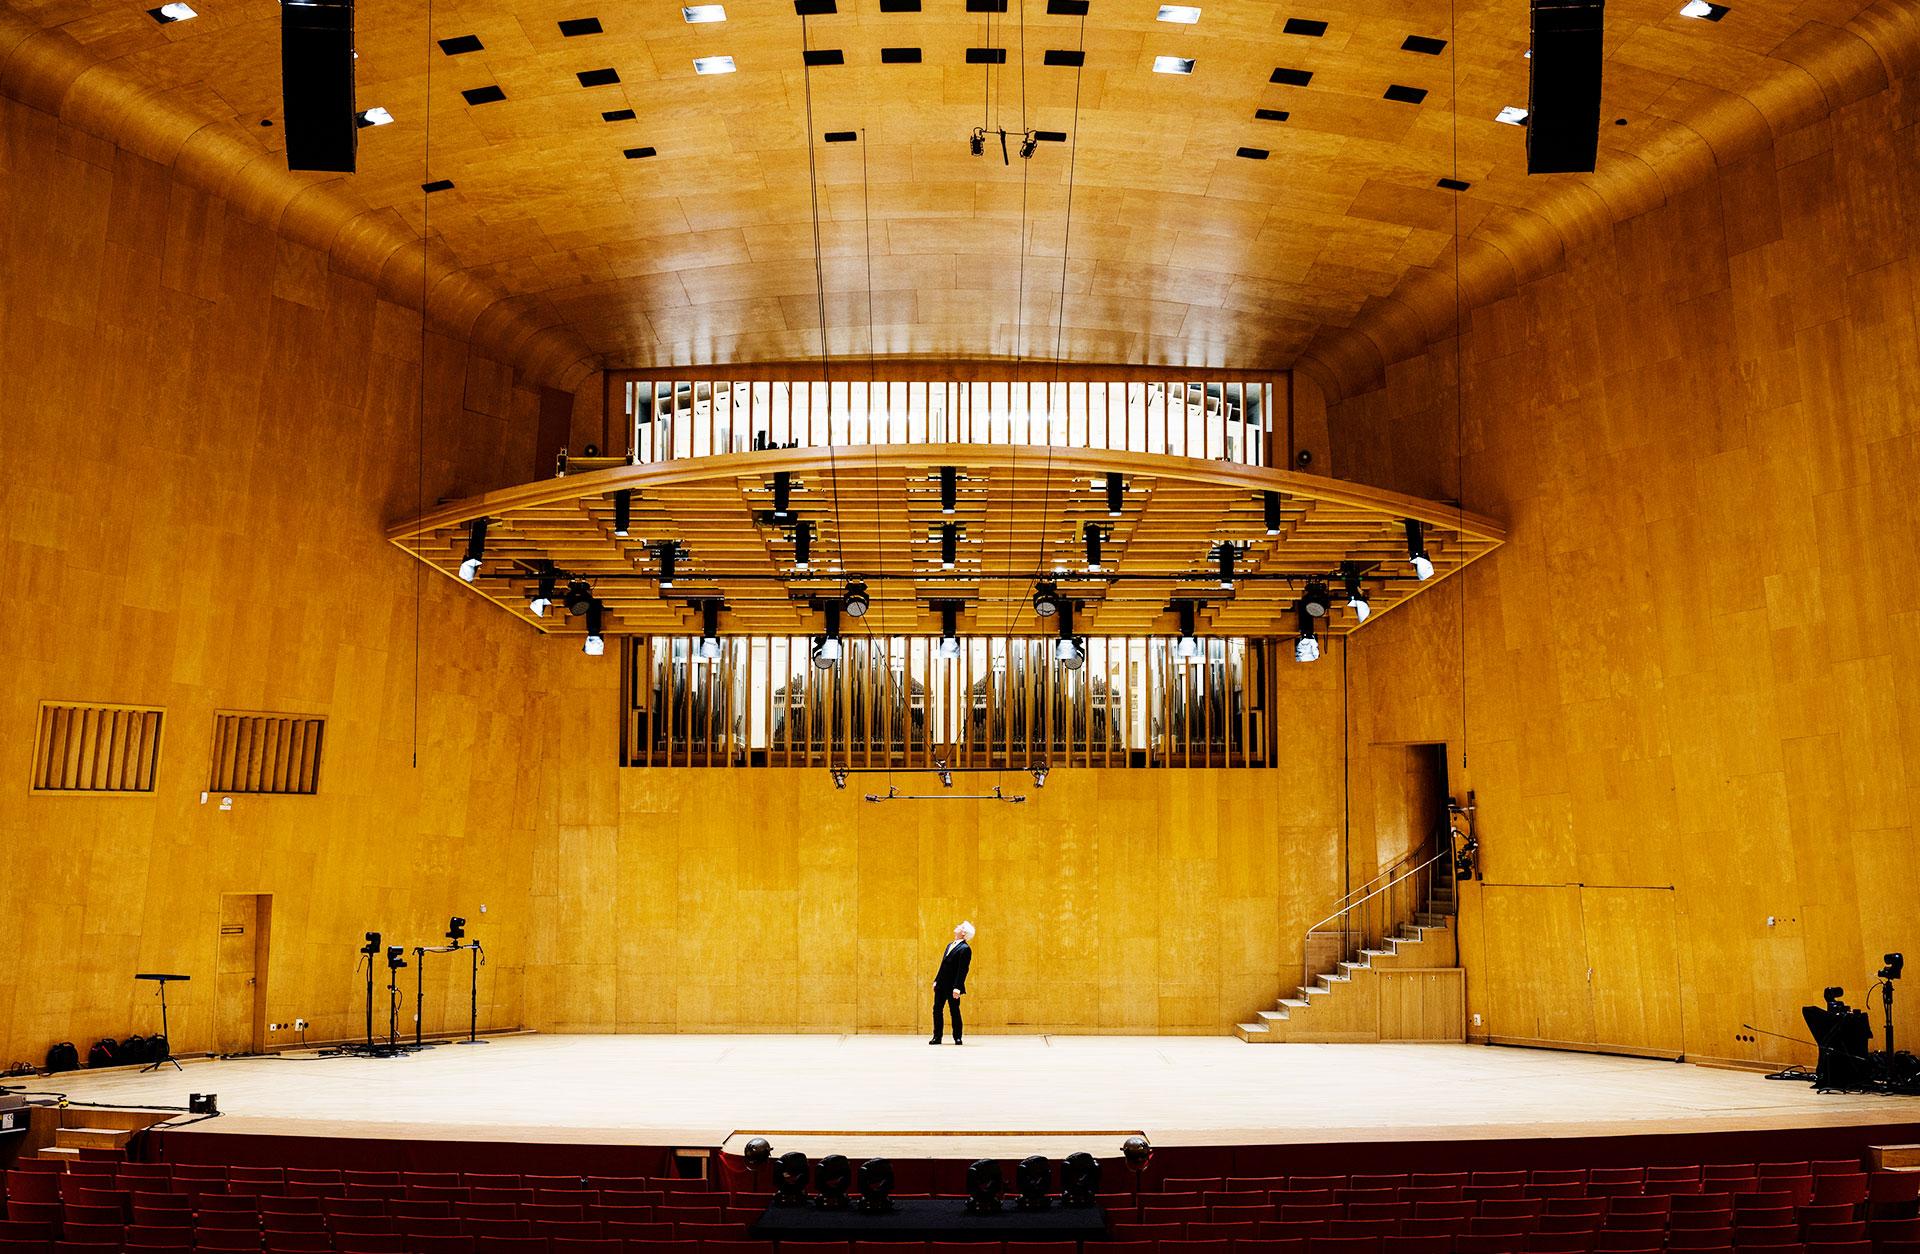 Konserthusorgeln syns genom lamellerna längst fram i konsertsalen, ovanför scenen. På scenen står en man och blickar upp mot orgeln.